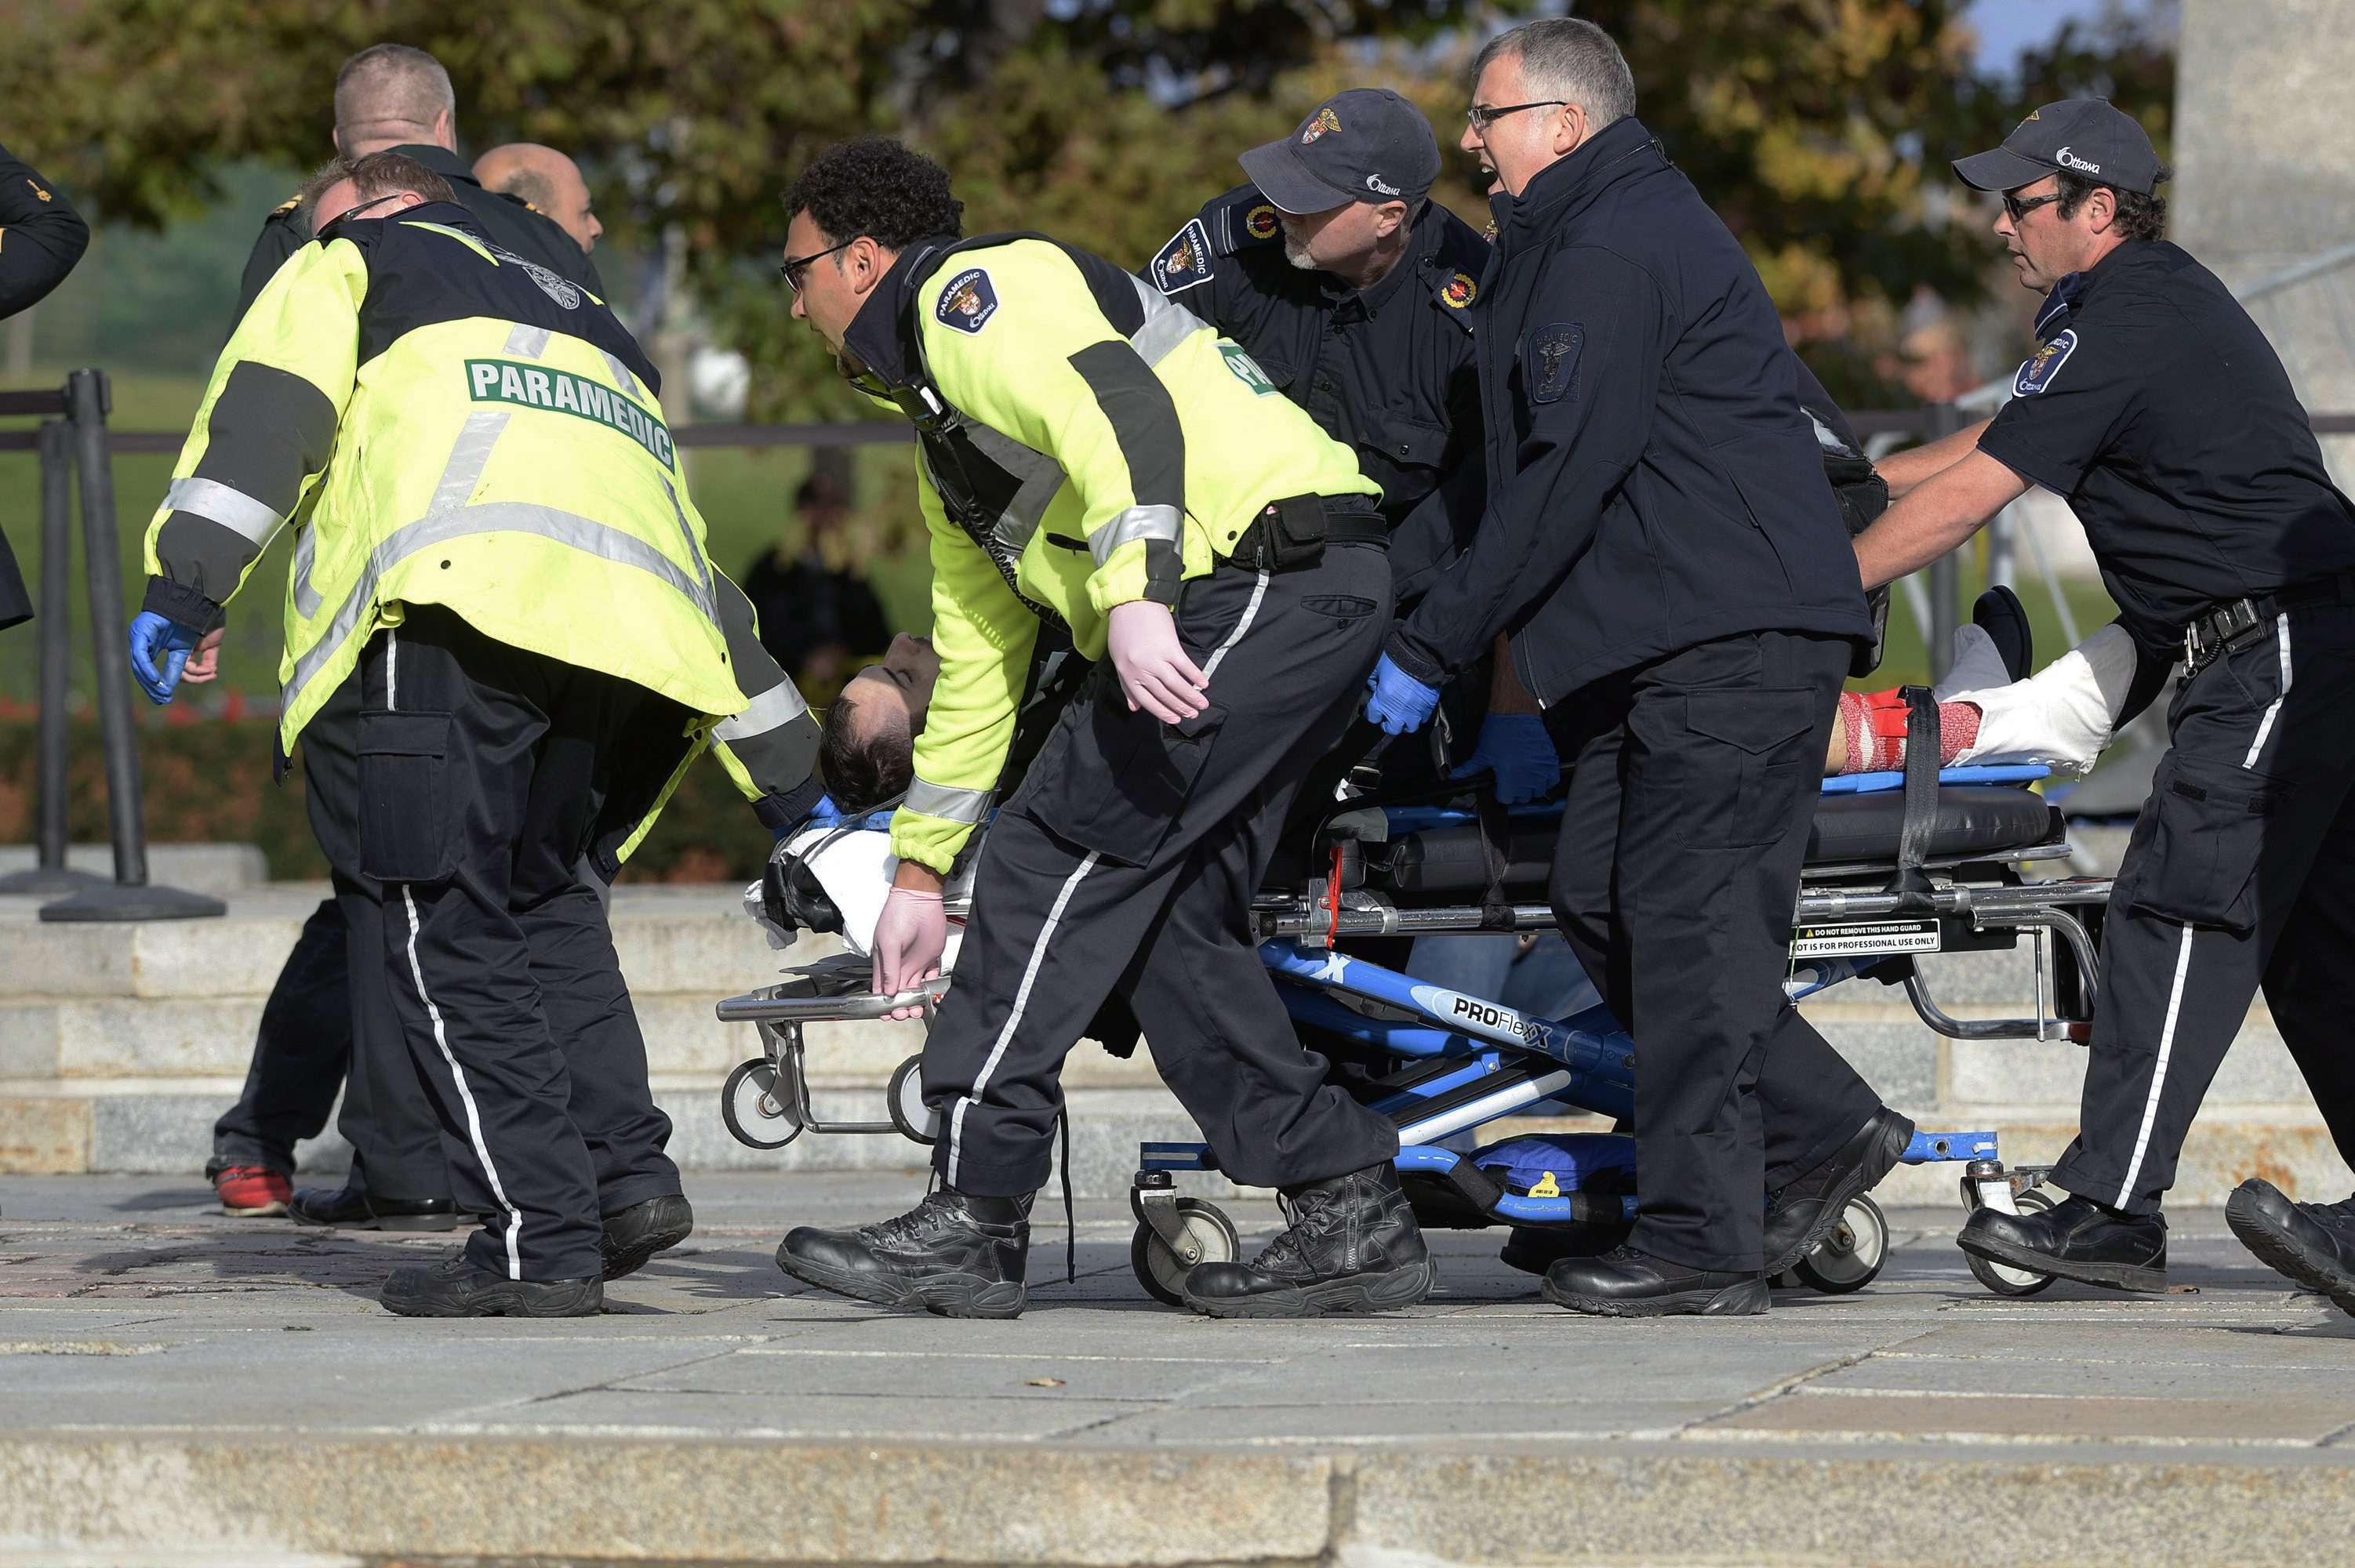 Paramédicos y policías sacan a una víctima del Memorial Nacional de Guerra de Canadá en Ottawa el miércoles, 22 de octubre del 2014. Foto: AP en español